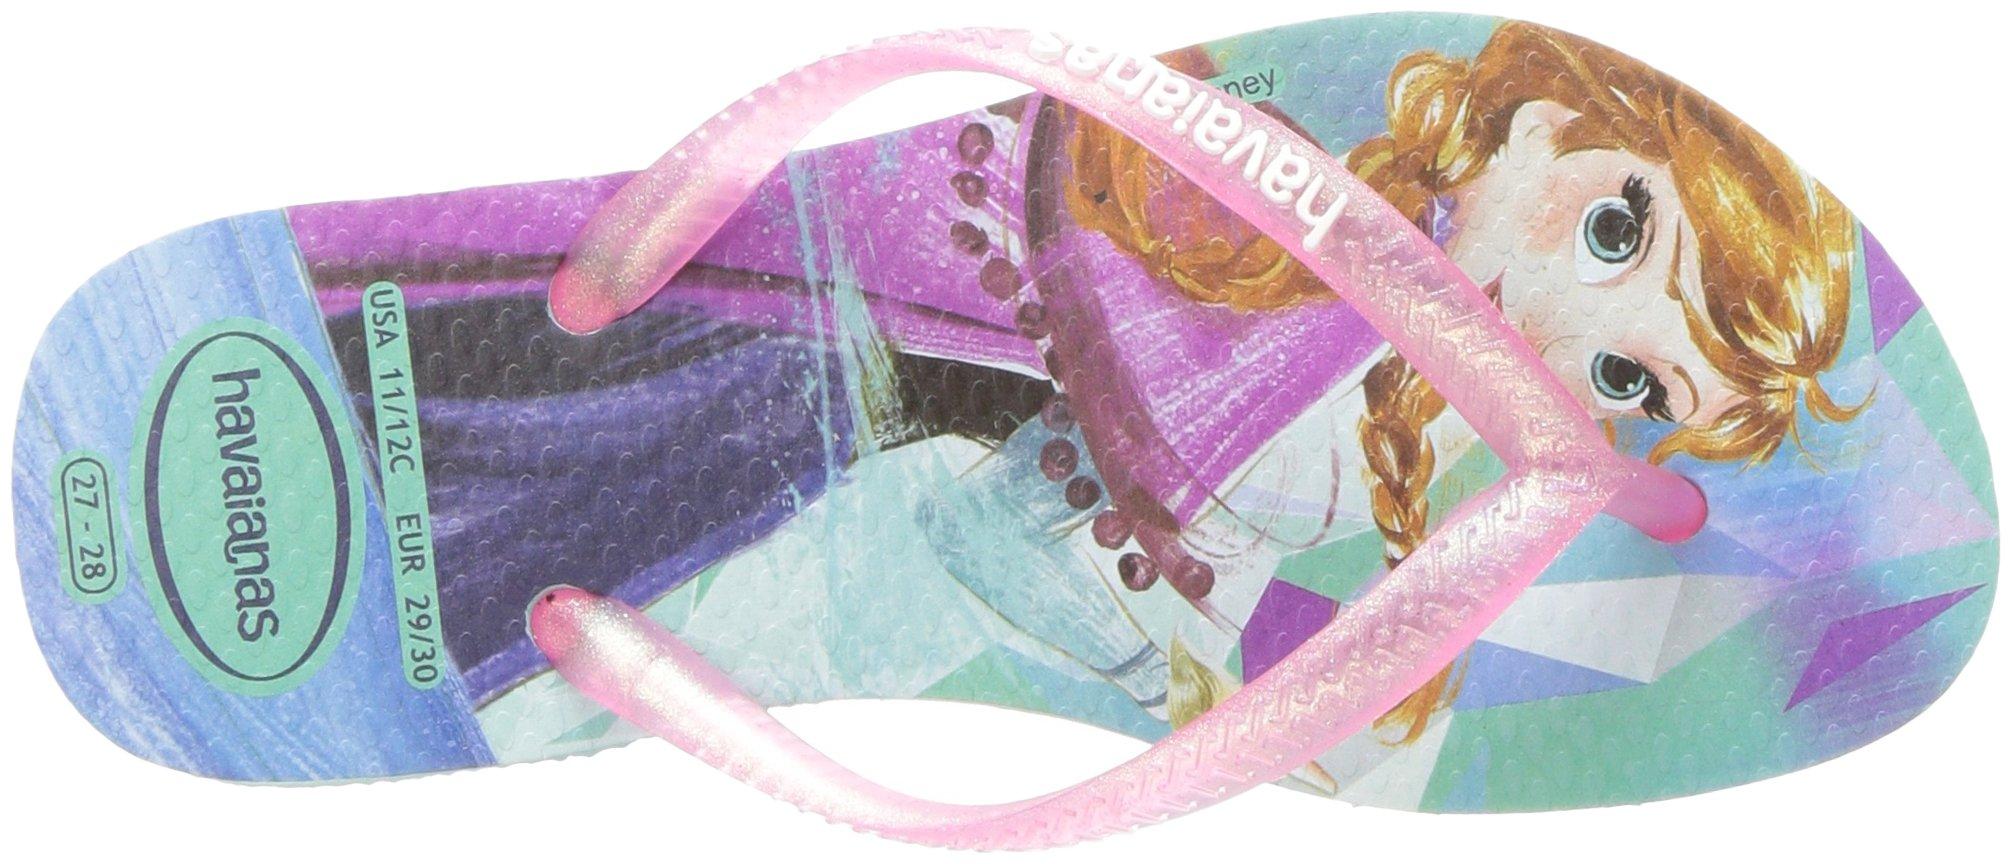 Havaianas Girls Slim Flip Flop Sandals, Kids, Frozen, Elsa & Anna,Green/Pink,25/26 BR (10 M US Toddler) by Havaianas (Image #8)